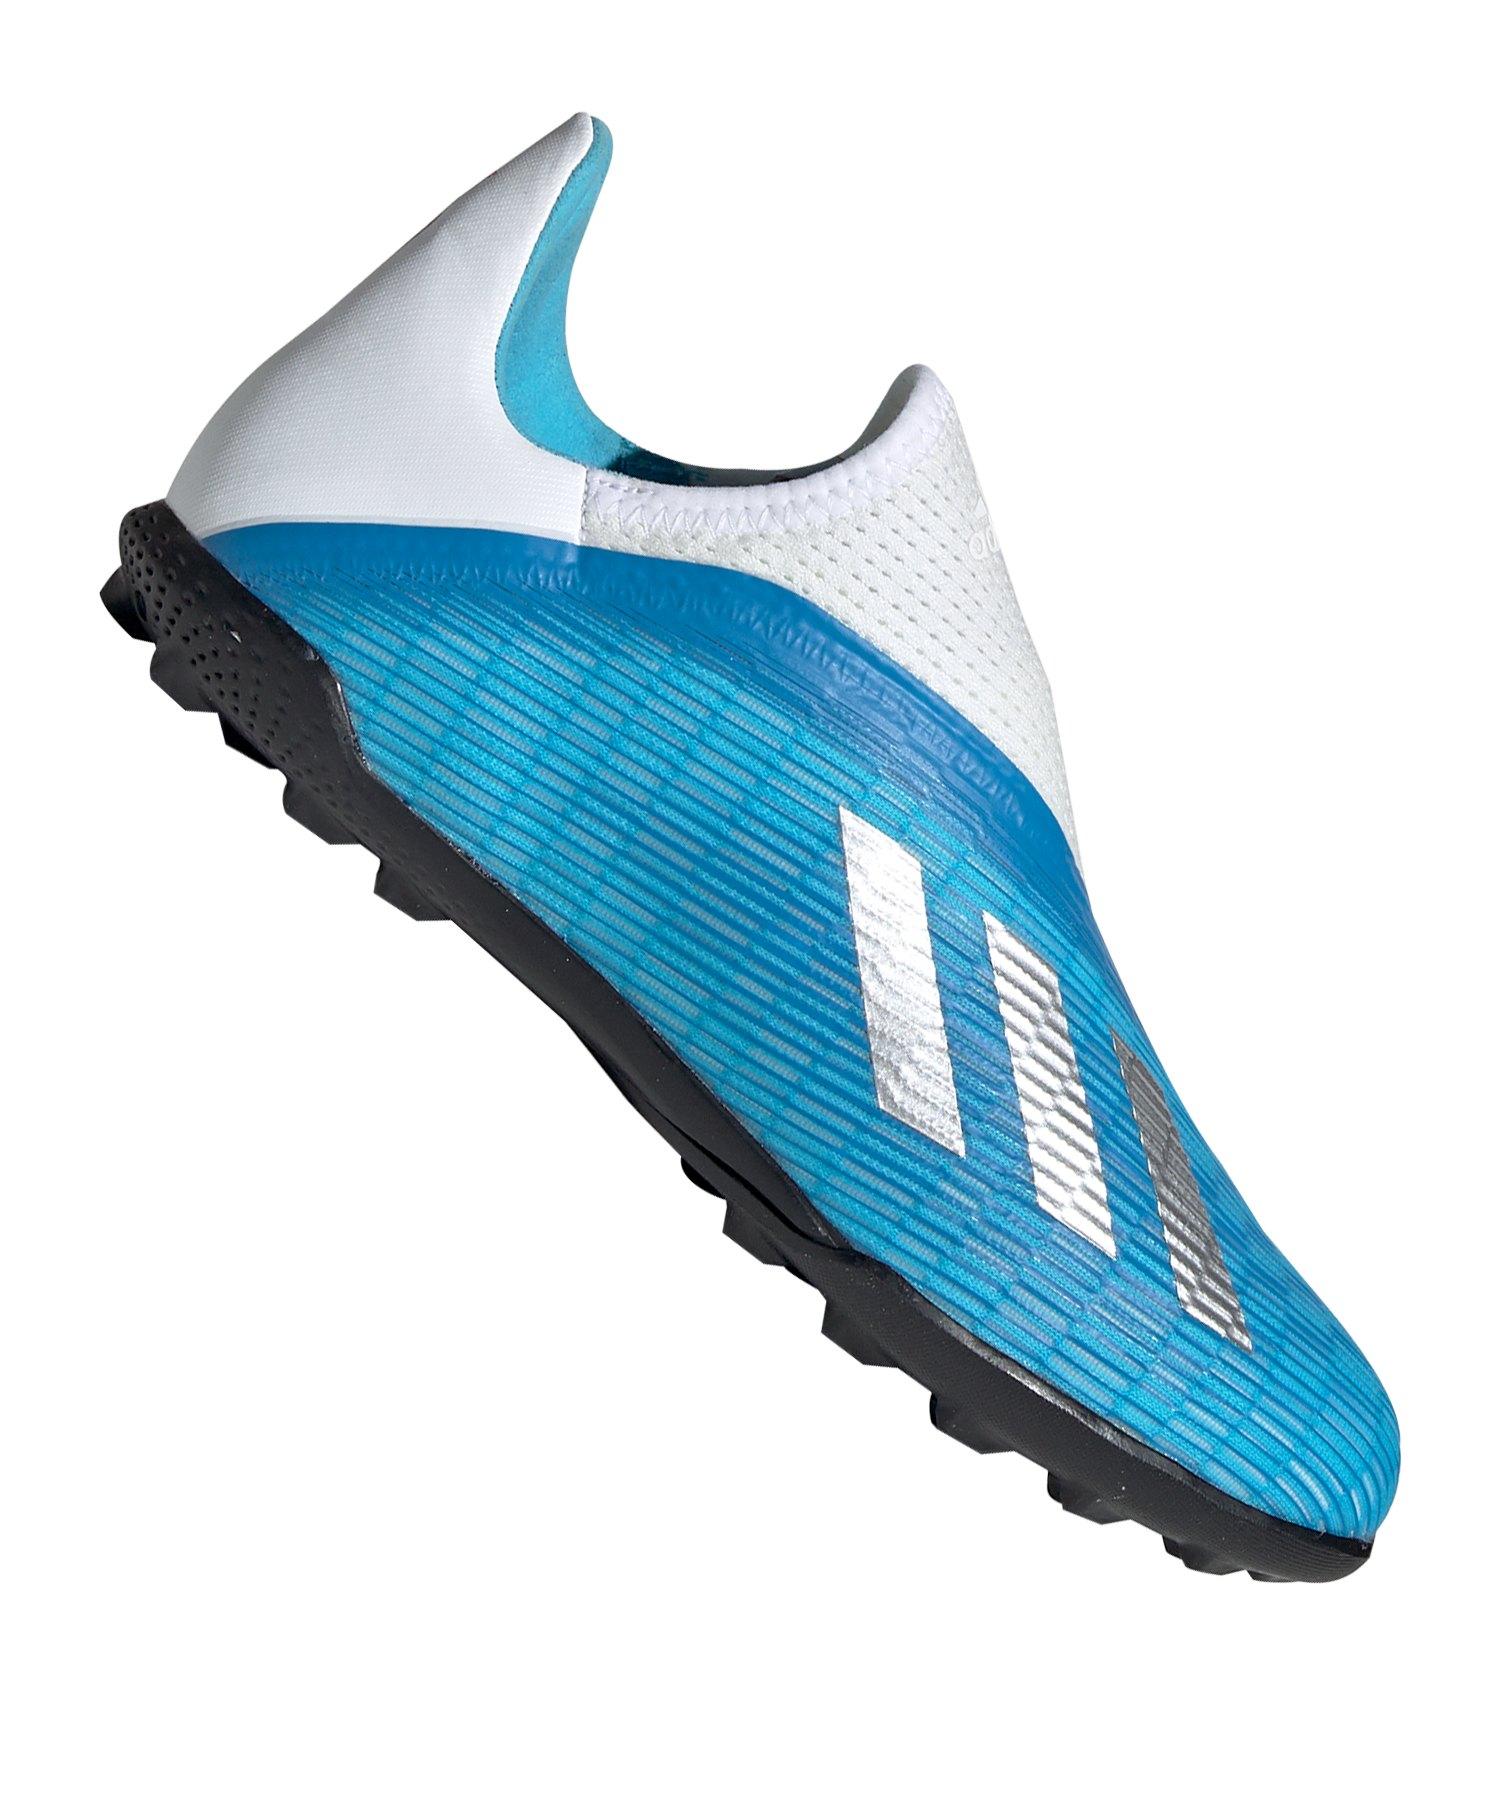 Adidas Performance Schuhe gebraucht kaufen! 4 St. bis 60